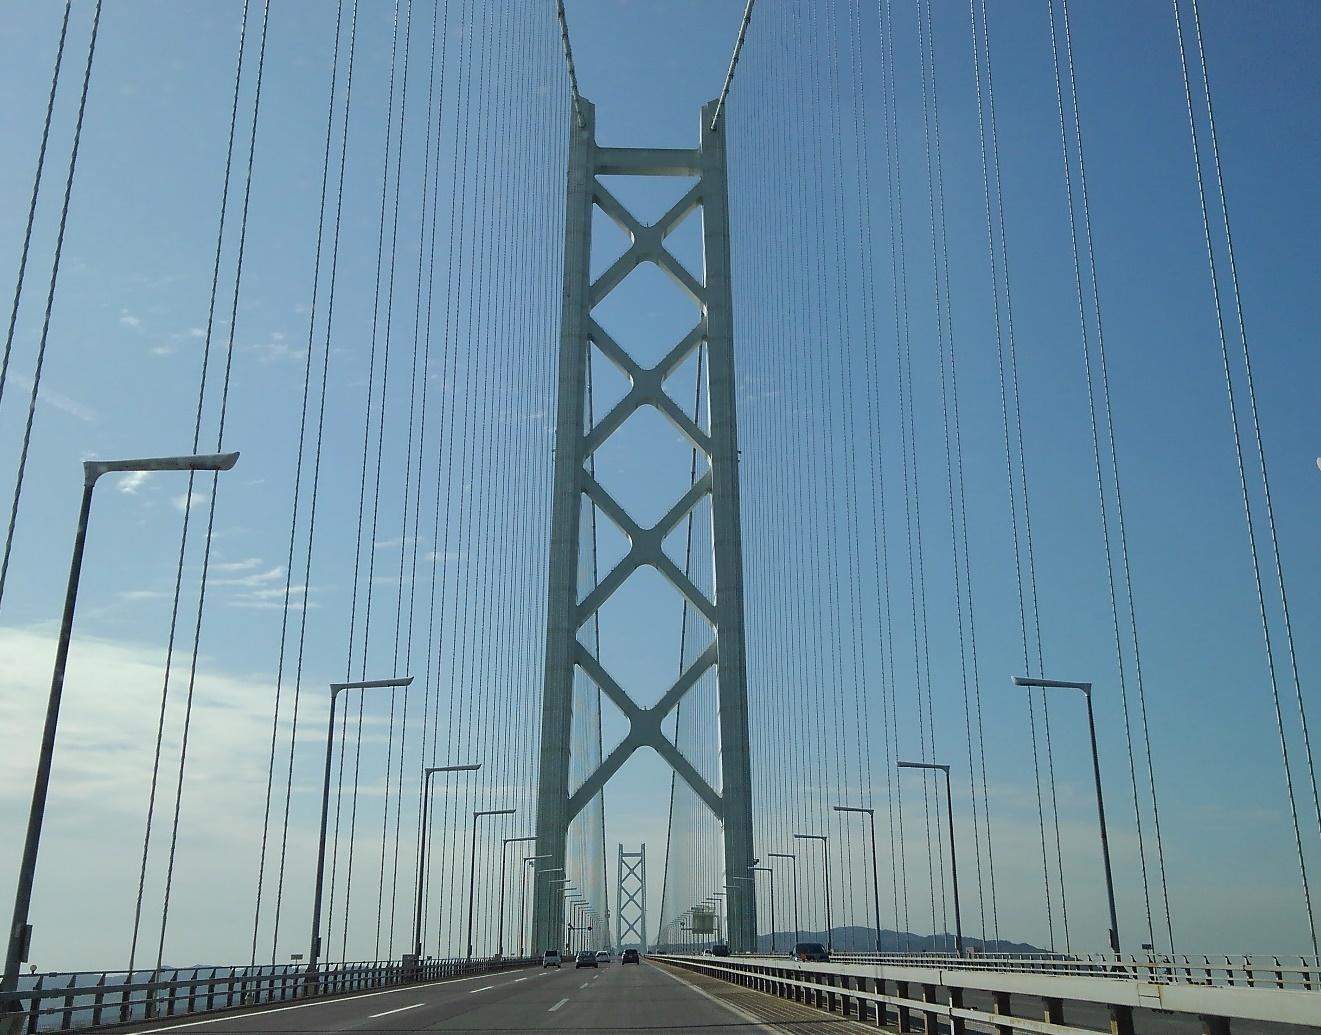 明石海峡大橋の橋上にて